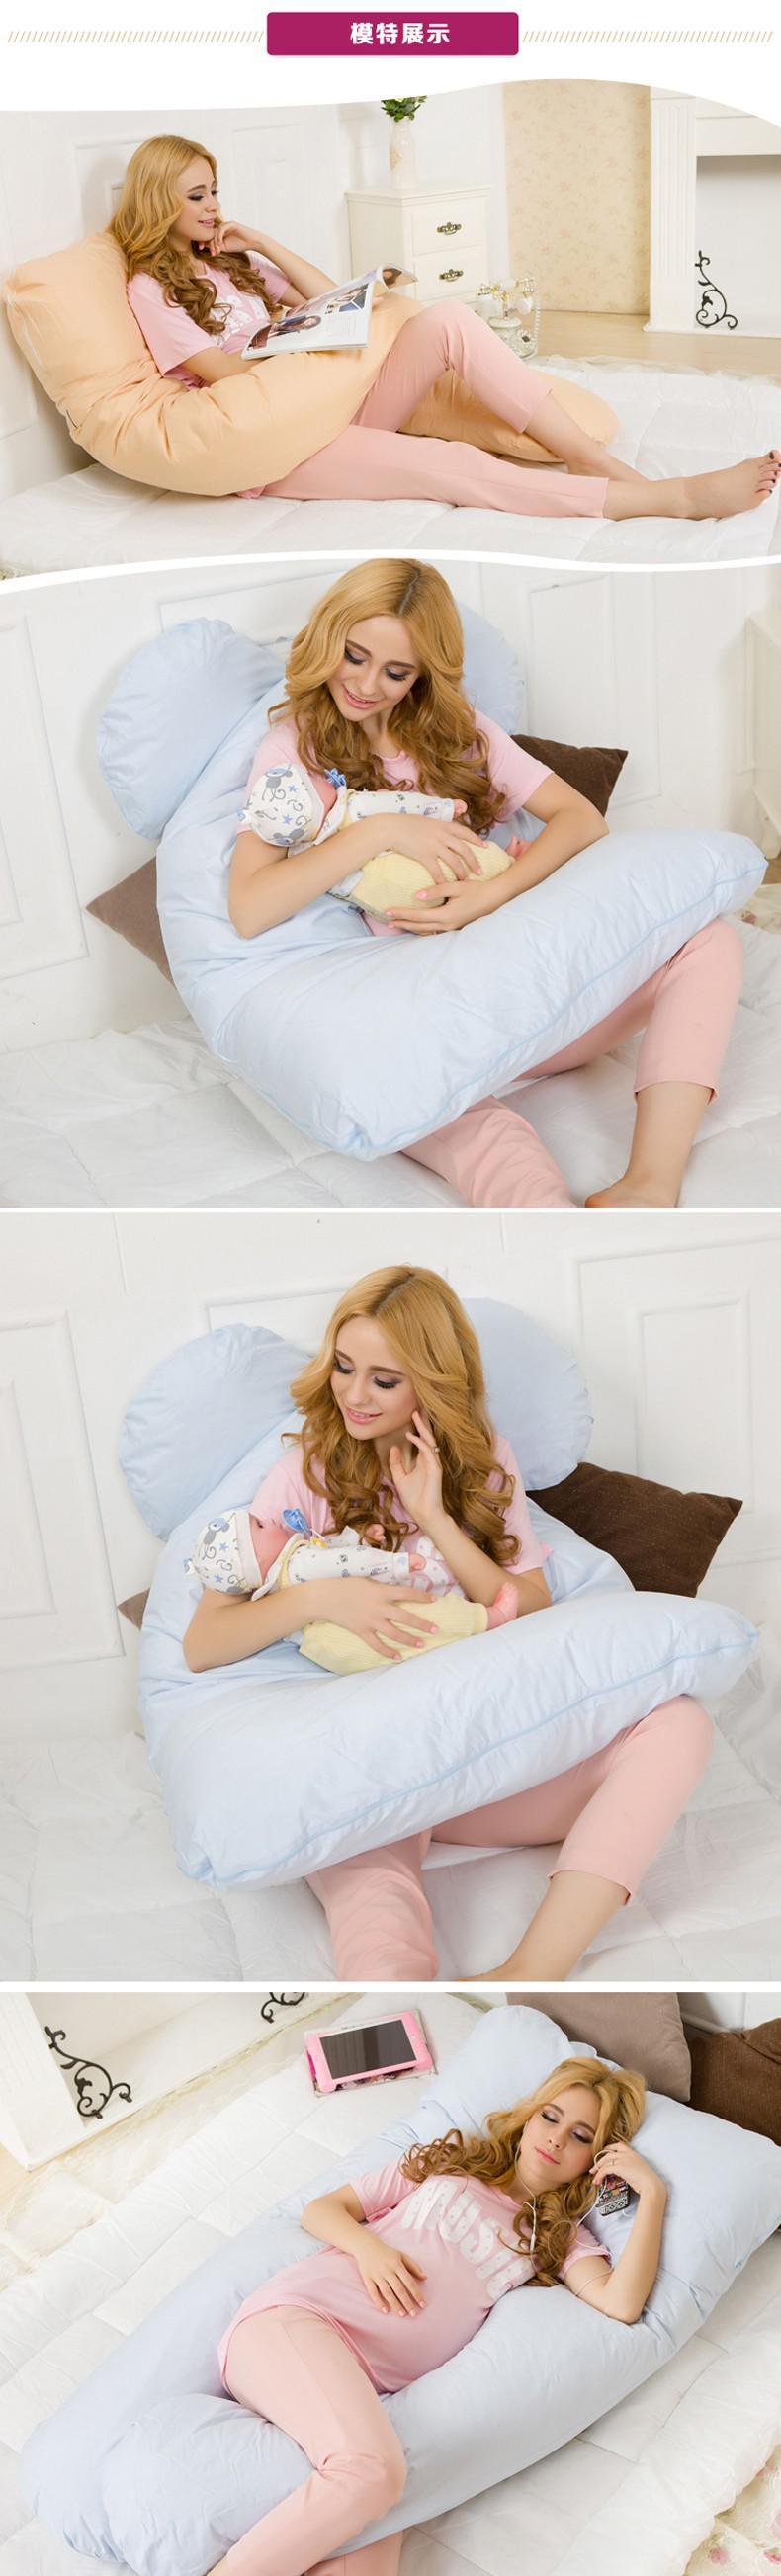 HTB1xKxYOpXXXXcLaXXXq6xXFXXXp - Pregnancy Comfortable U Type Body Pillow For Side Sleep Position